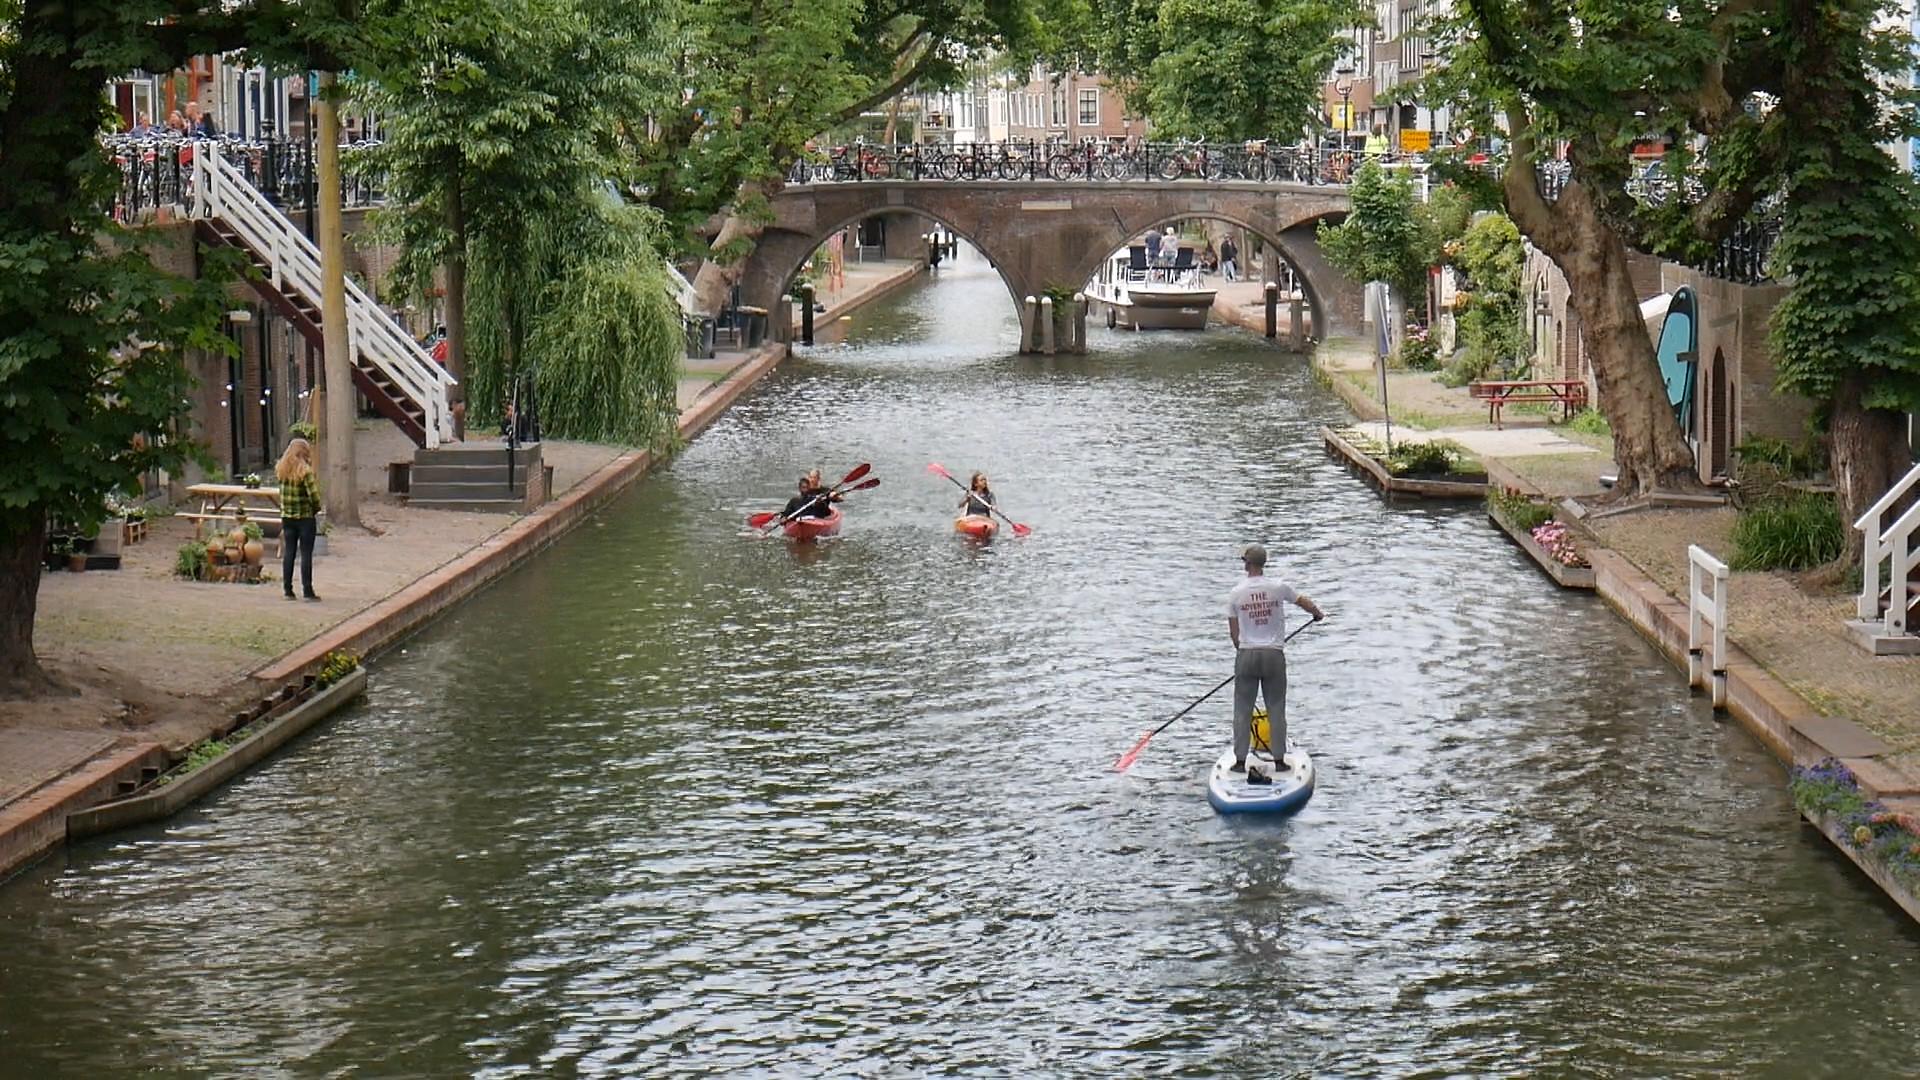 Kano of SUP voor een schoner Utrecht | Varen in Utrecht